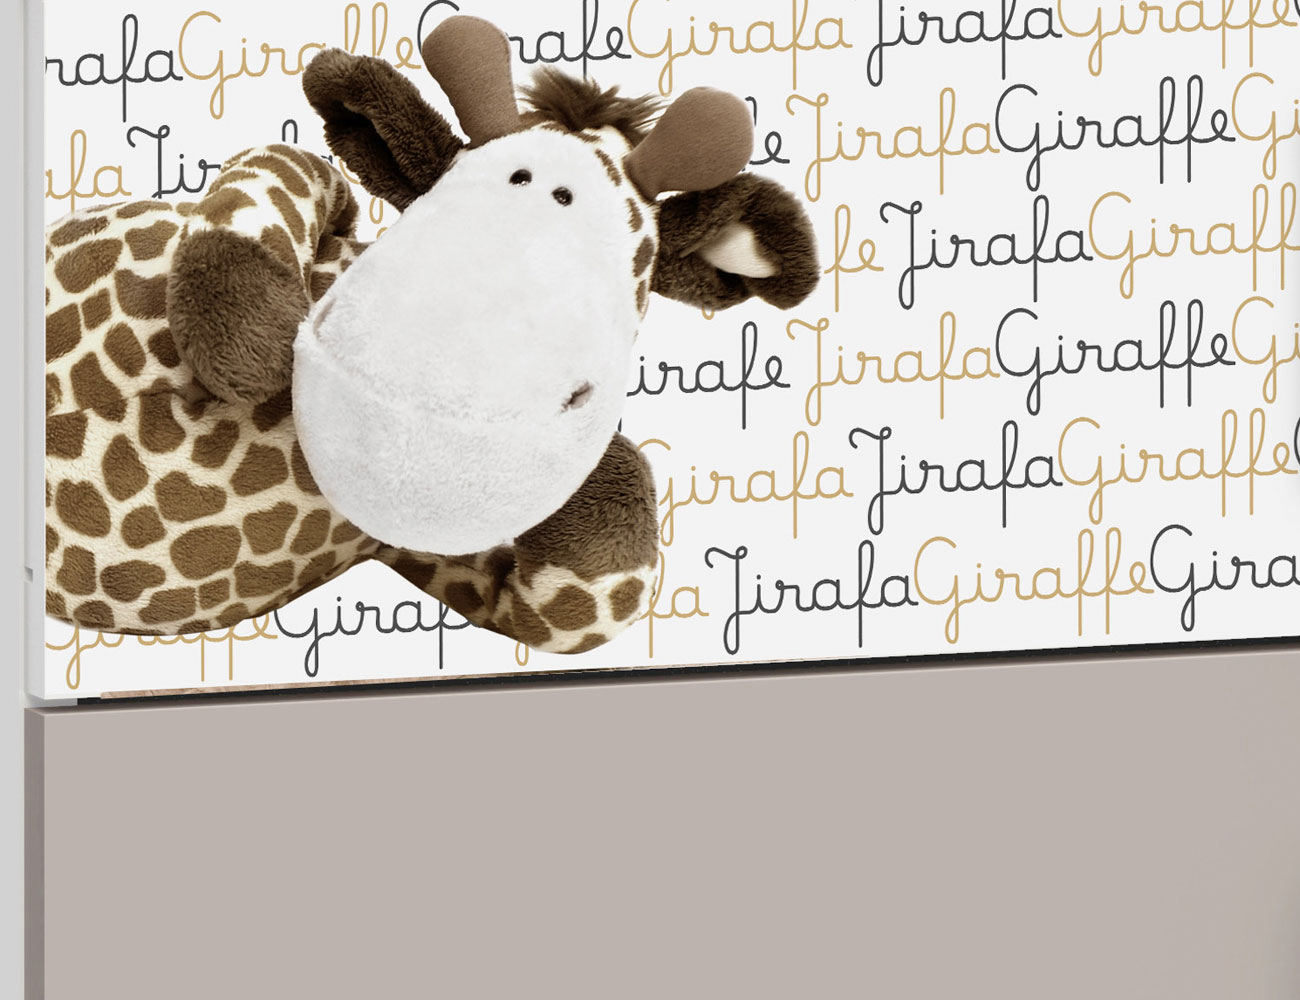 Comoda jirafa 703 22